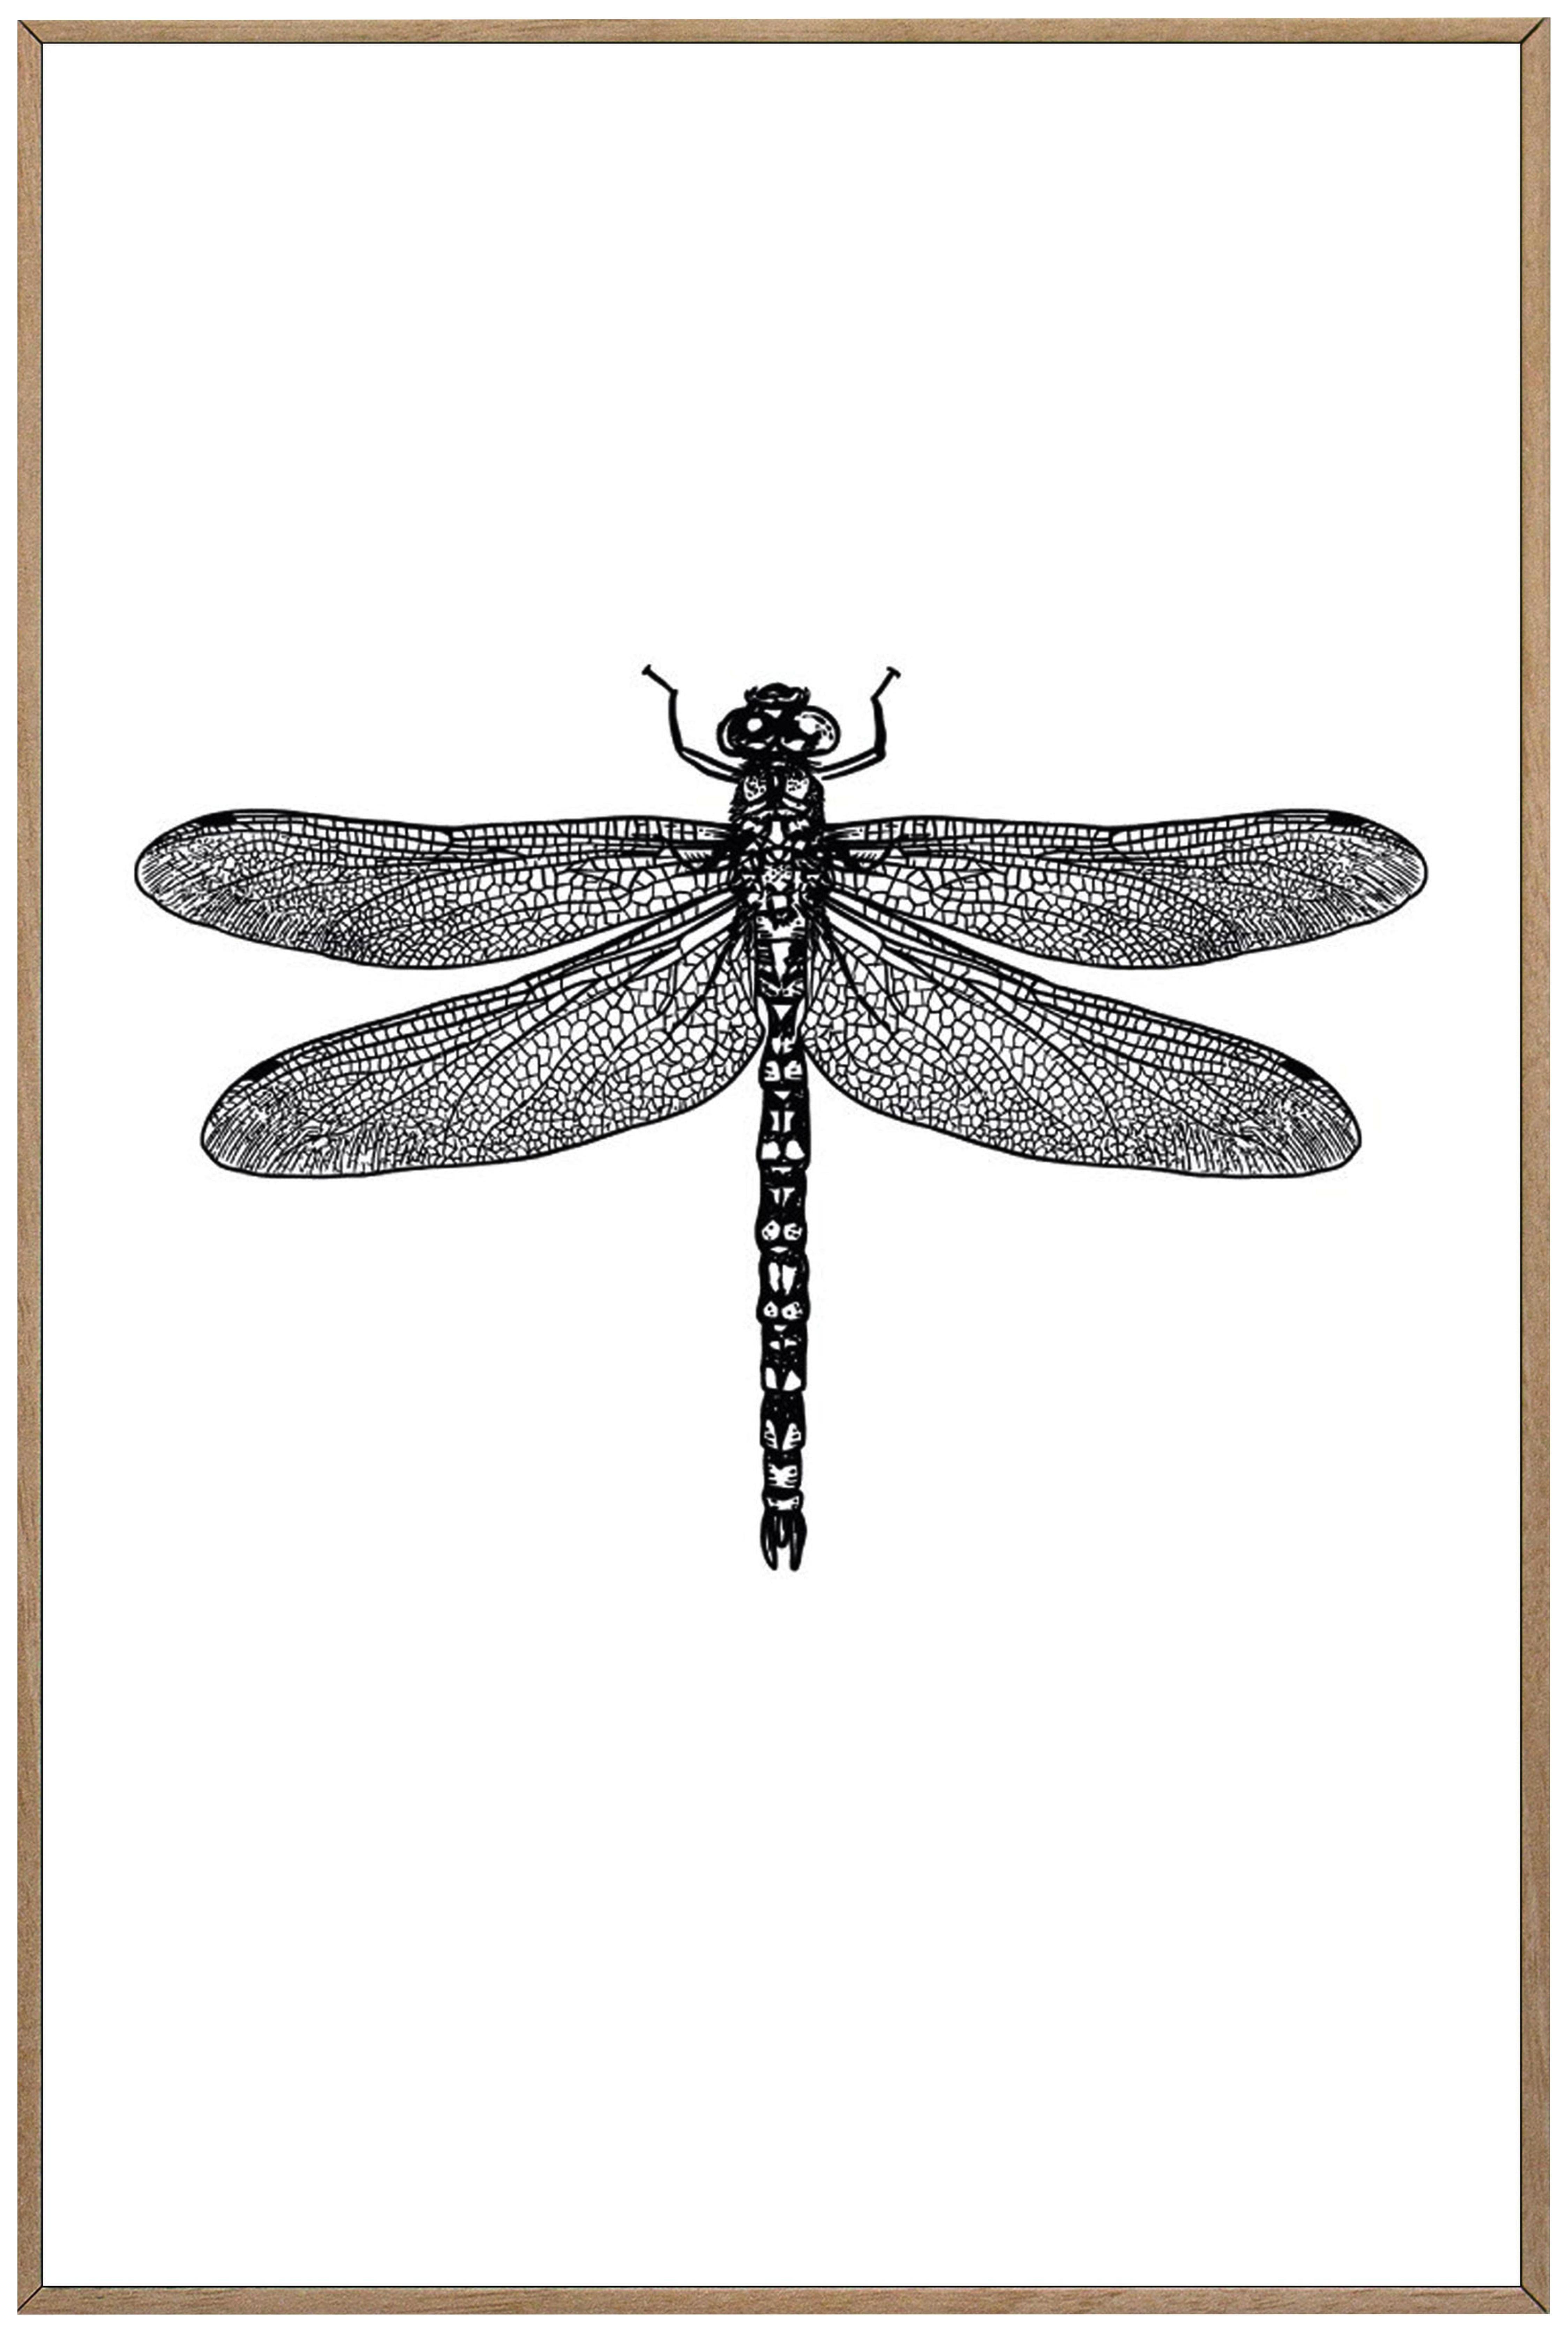 Bild Von Libelle In Schwarz Weiß Bilder Bilder Online Kaufen Libellen Zeichnung